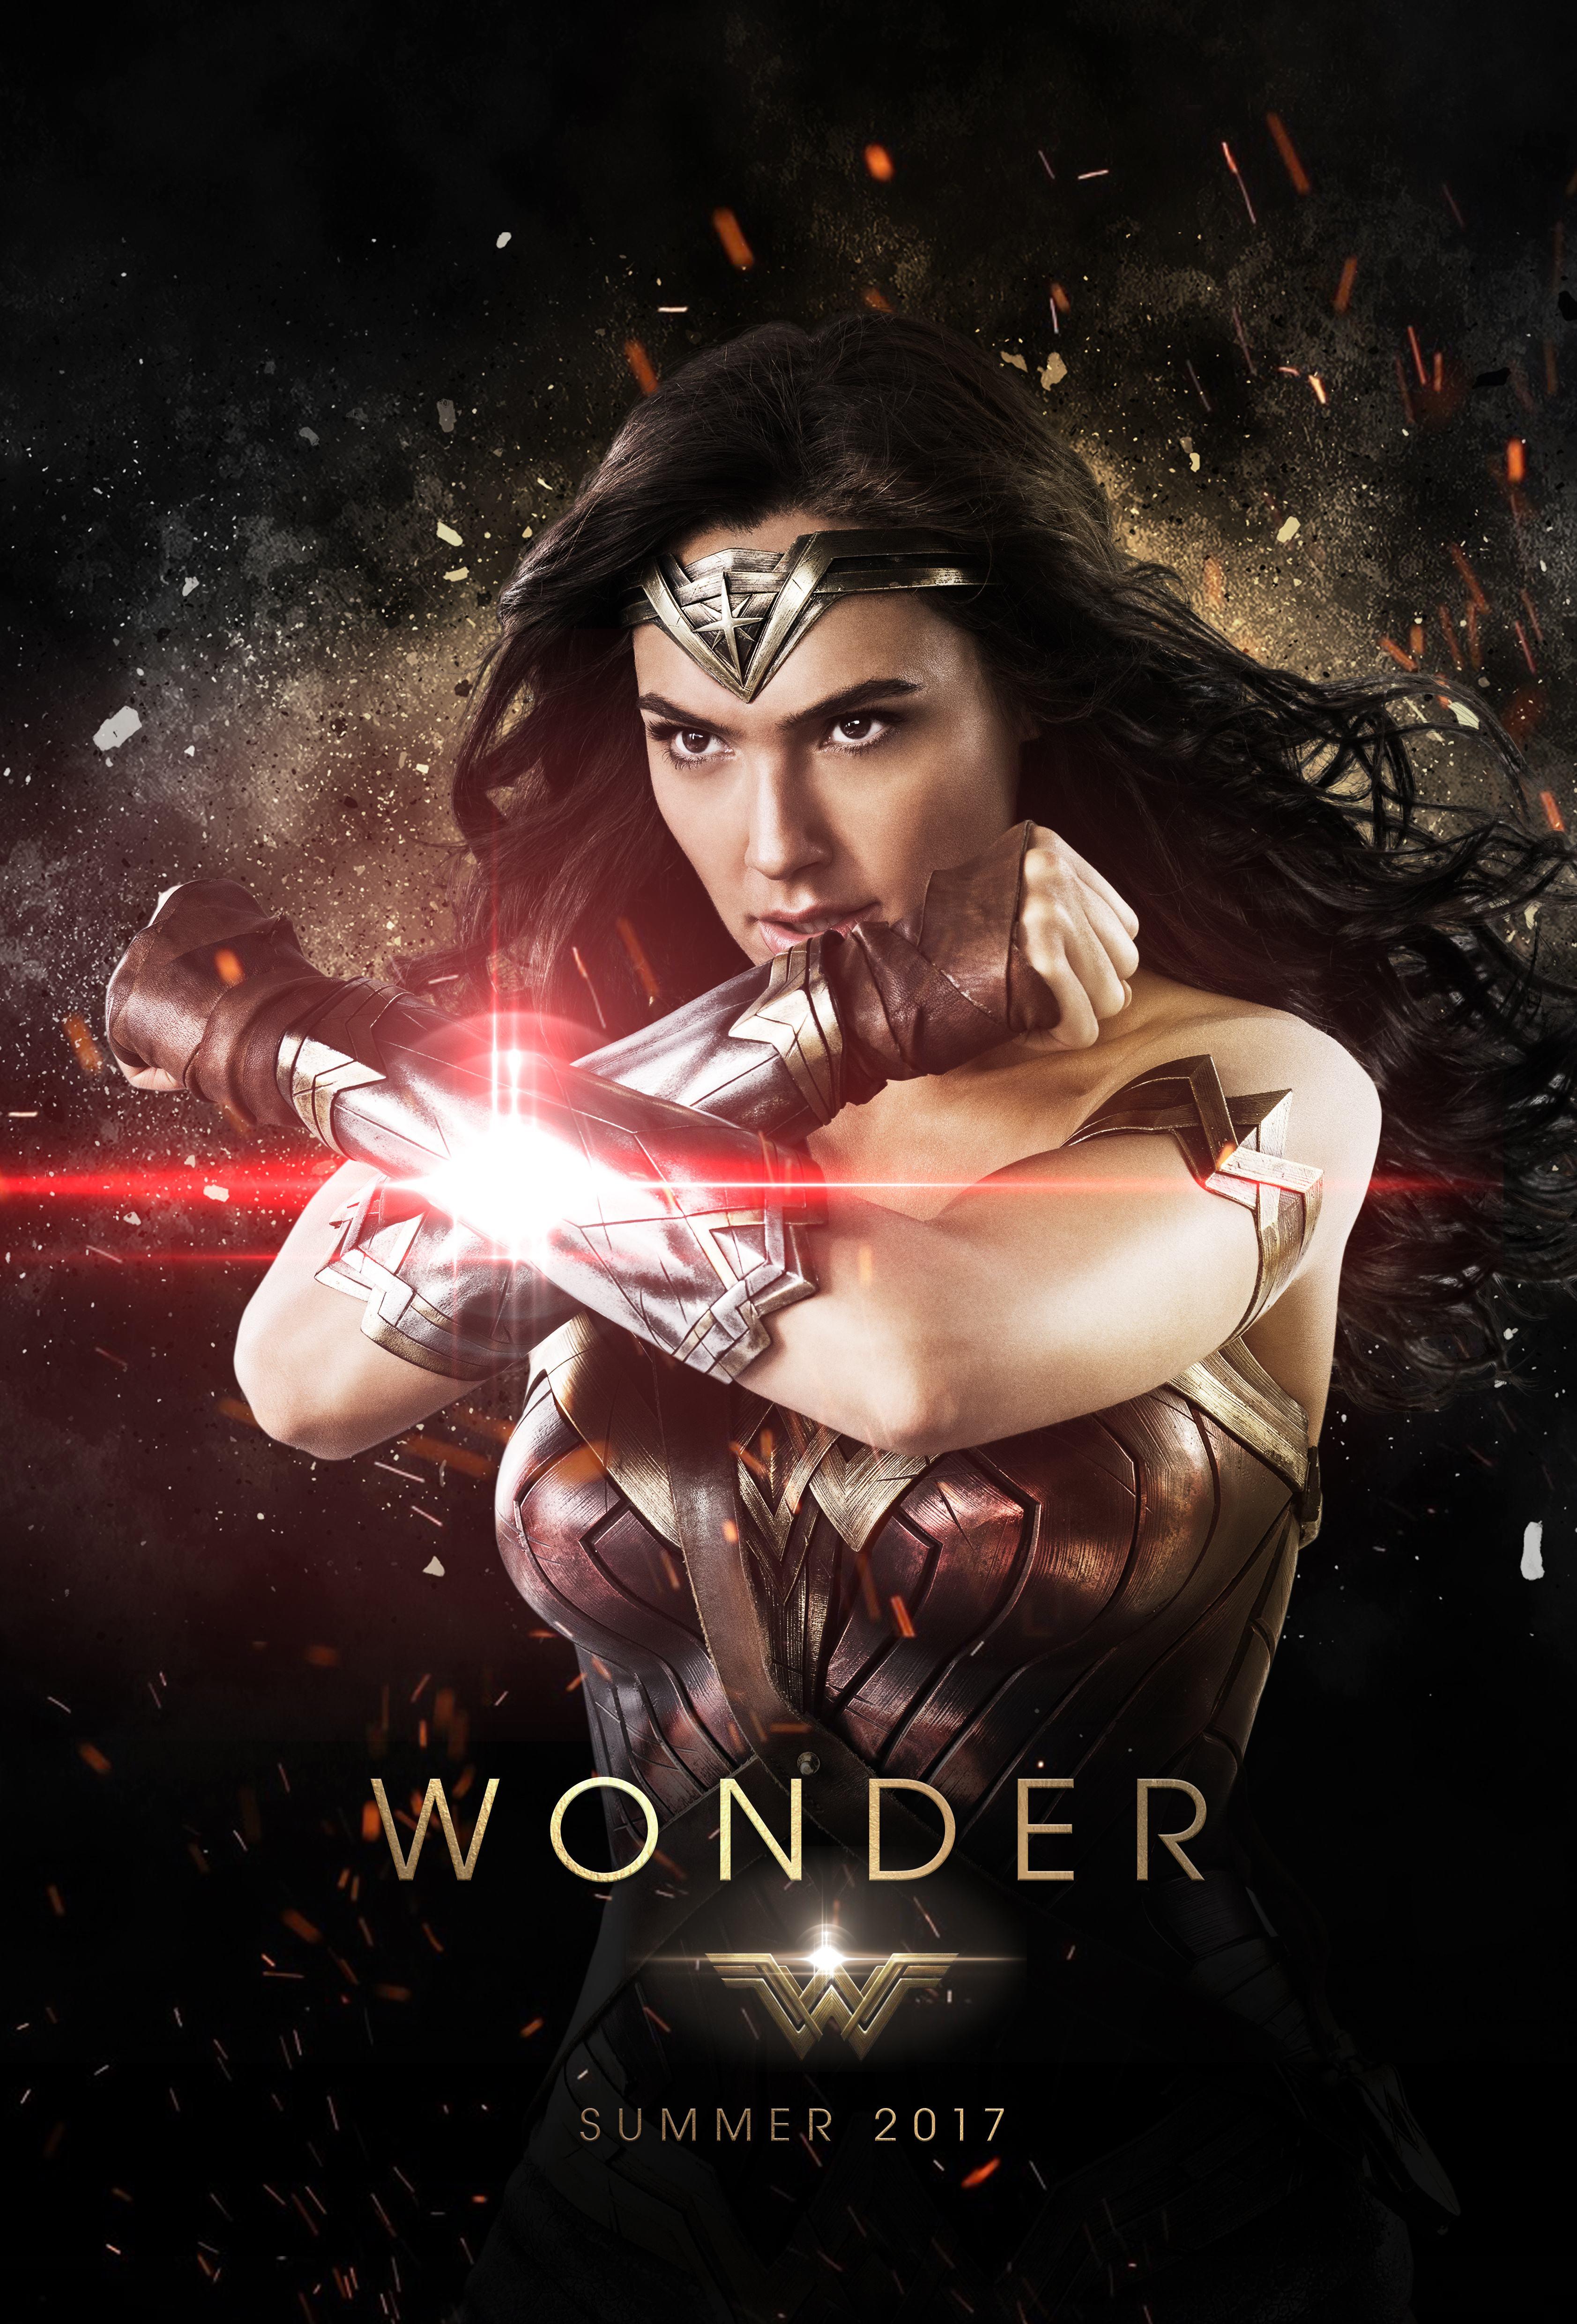 <a href=wonderwoman>神奇女侠</a>